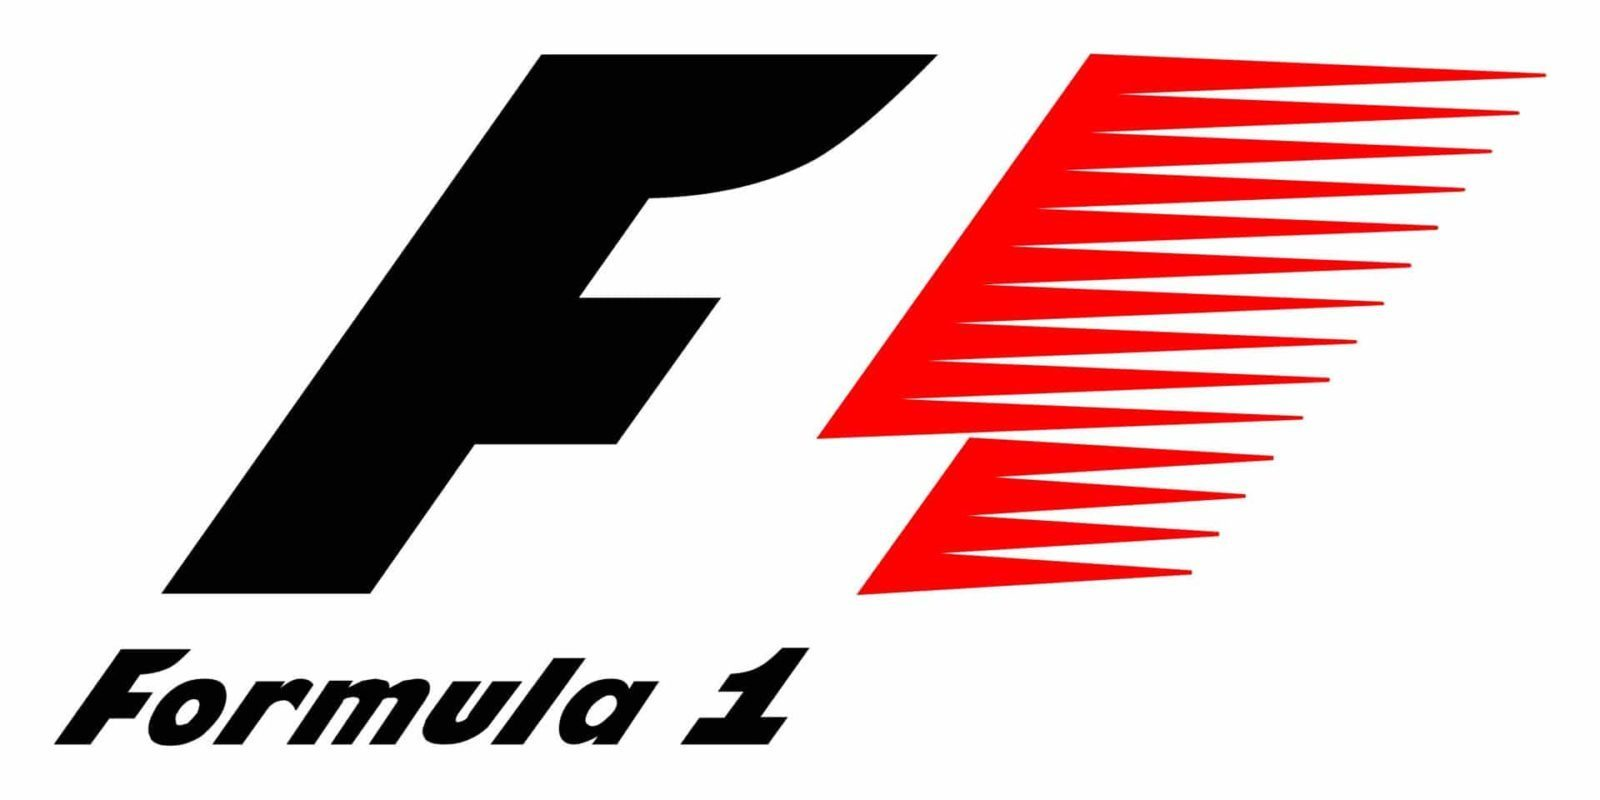 Sirope-Historias-Articulo-Opinion-nuevo logo-f1-viejo